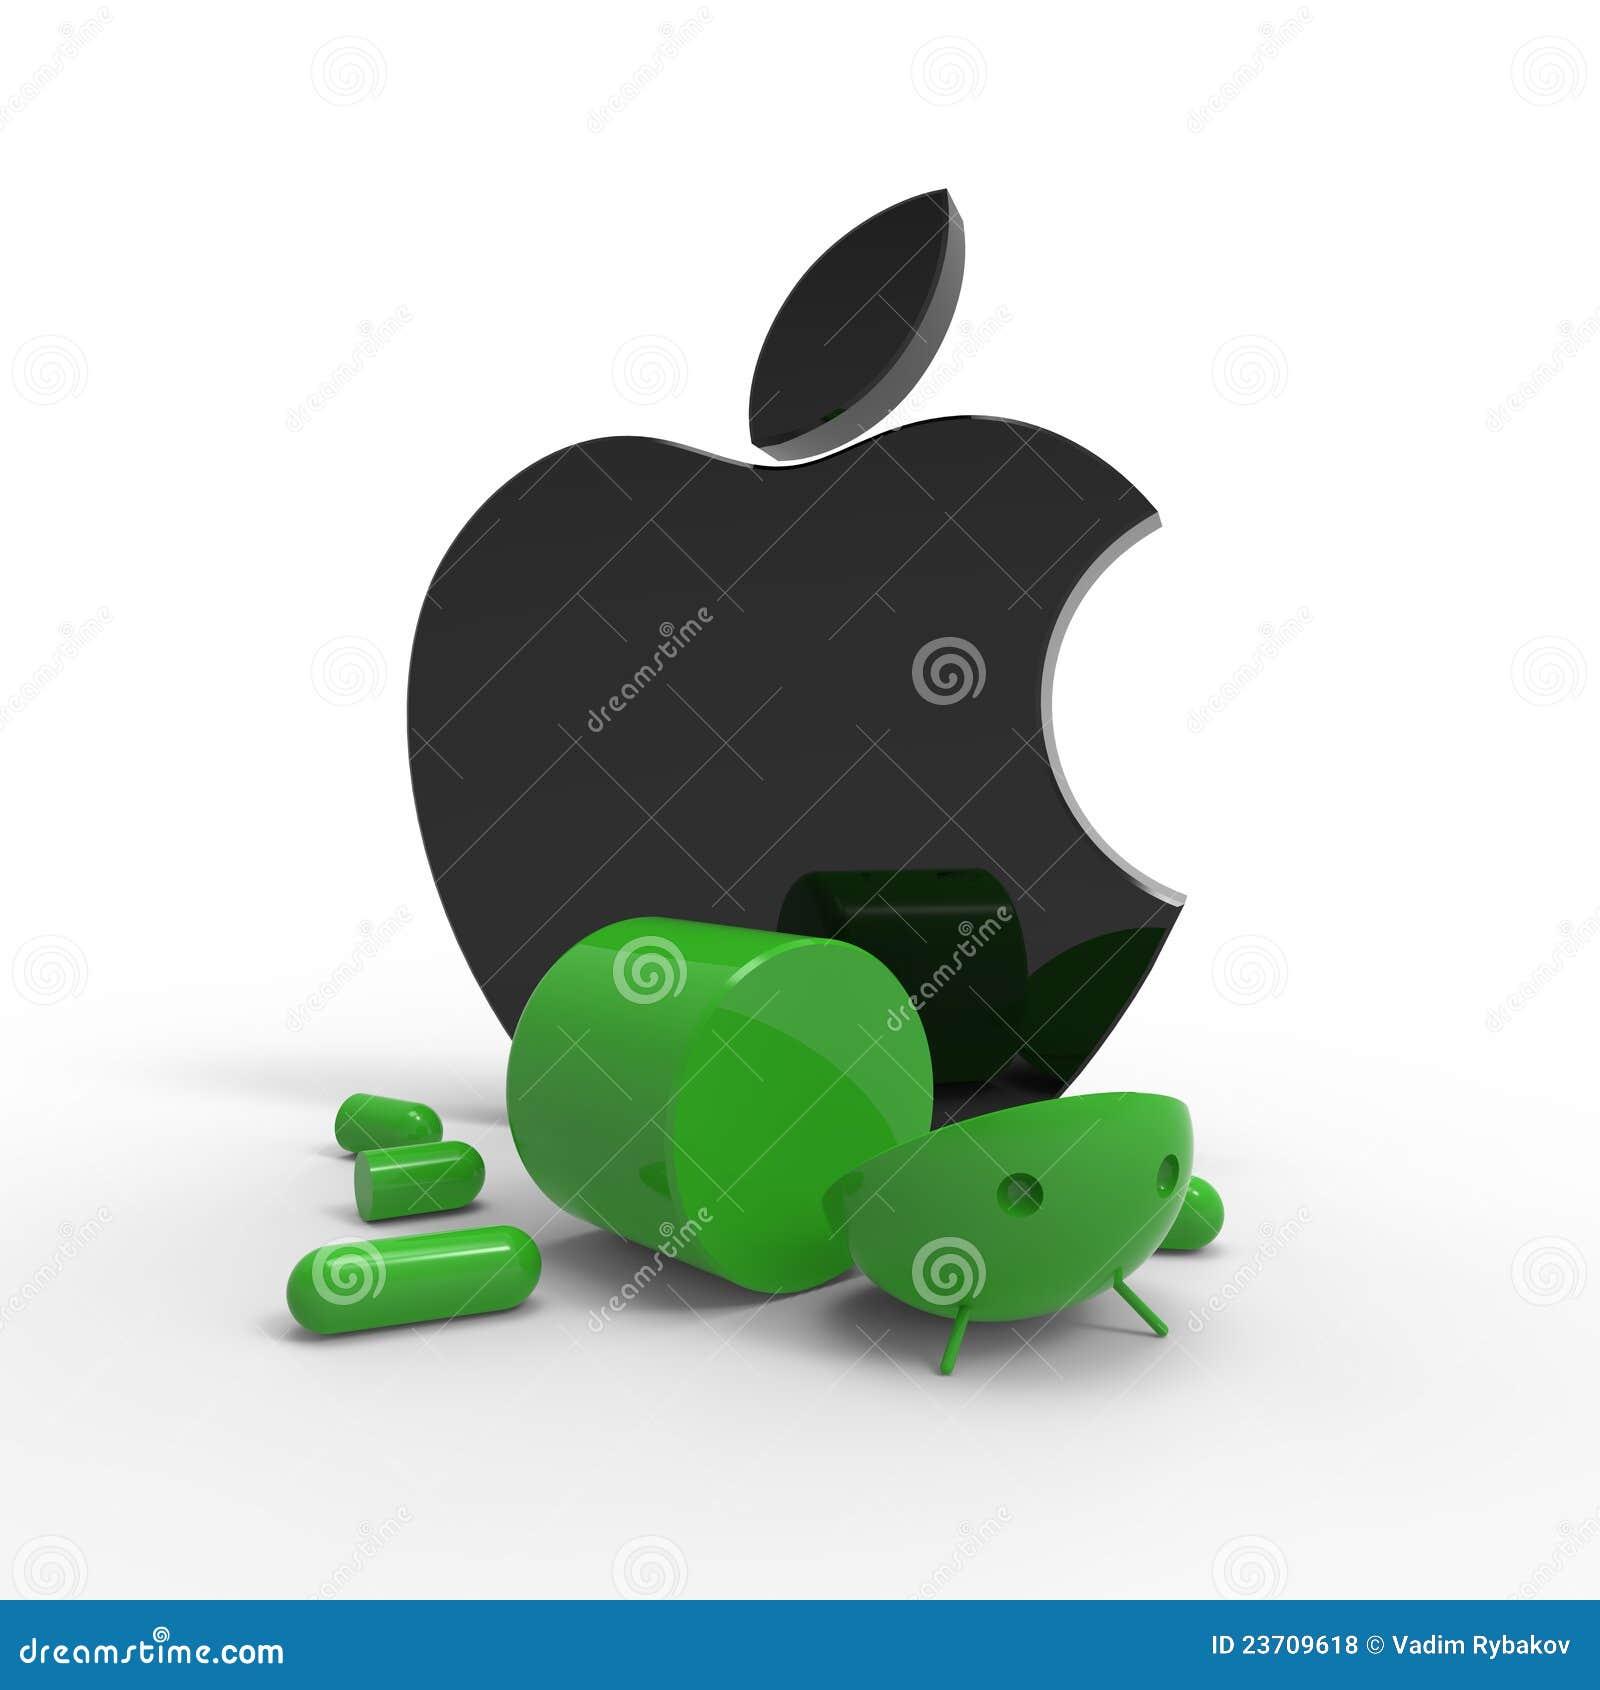 Insignia de Apple contra insignia androide. Aislado.